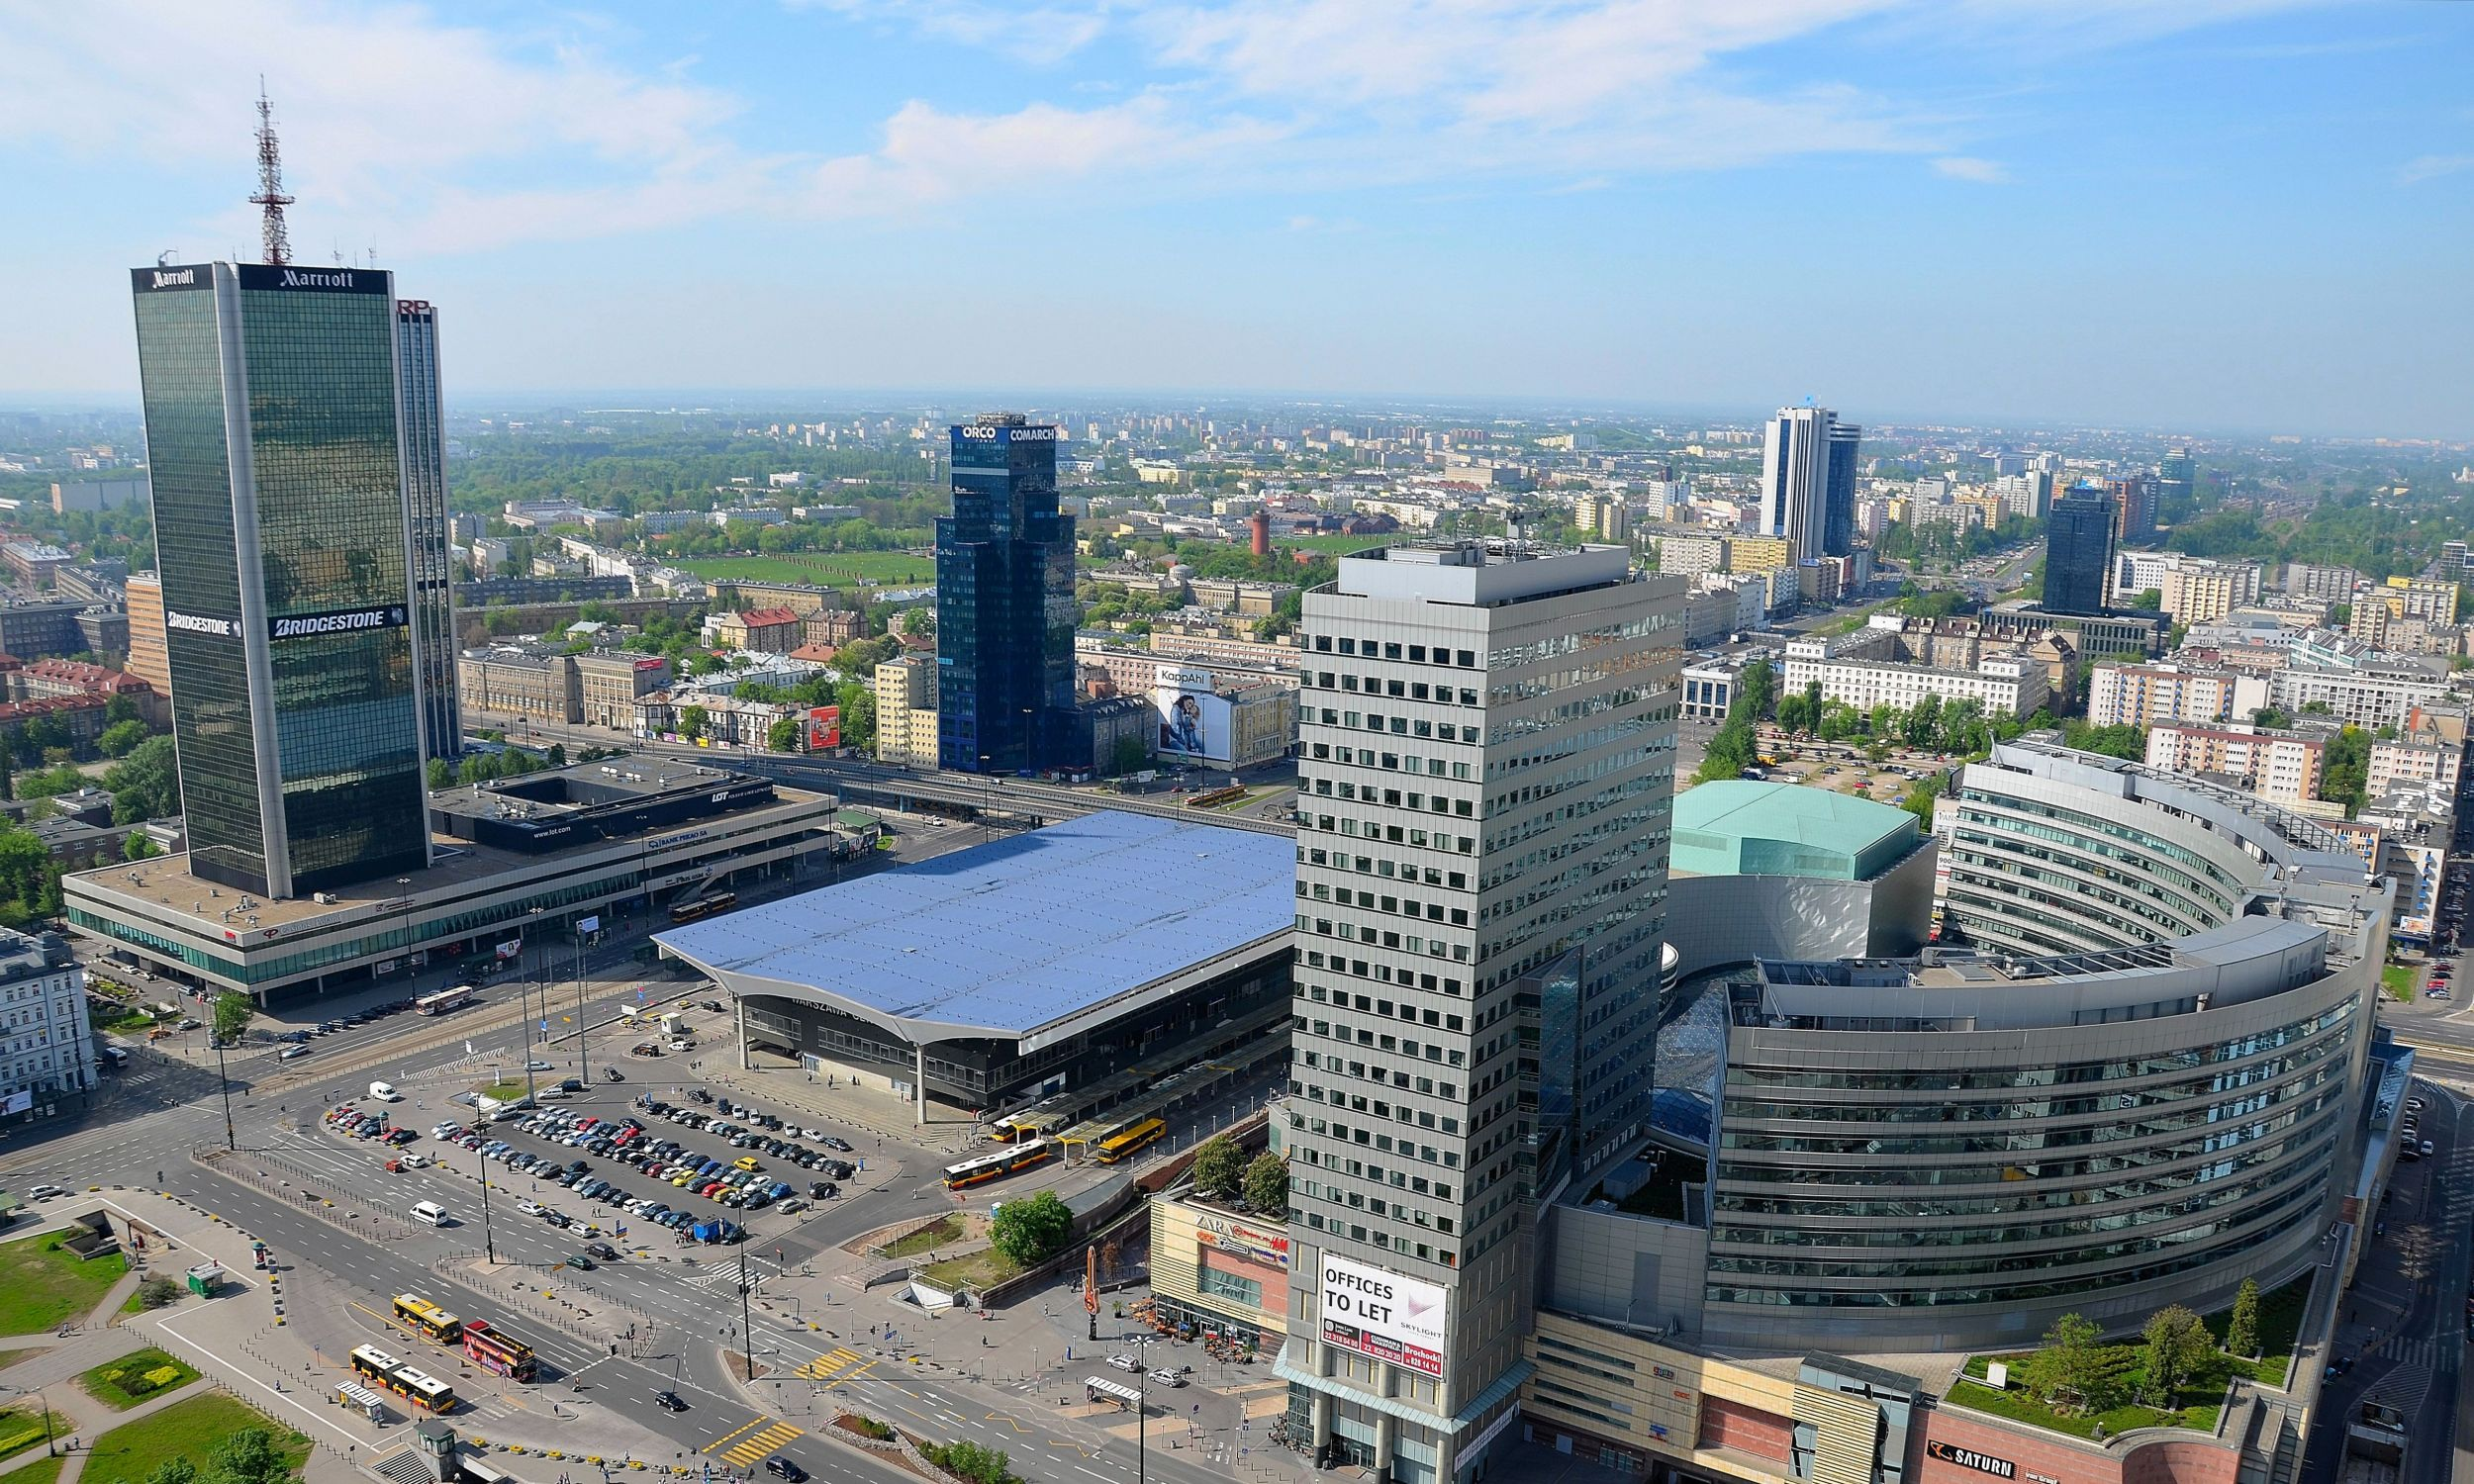 Południowe Śródmieście i Ochota widziane z Pałacu Kultury i Nauki. Po lewej w głębi Central Tower, po prawej – Marriott, a za nim Intraco II. W środku Dworzec Centralny i obok – centrum handlowe Złote Tarasy, z przeszklonym dachem i wieżowcem Skylight o wysokości około 105 metrów. Na dalszym planie, po lewej – Reform Plaza. Fot. By Adrian Grycuk - Own work, CC BY-SA 3.0 pl, https://commons.wikimedia.org/w/index.php?curid=33317994